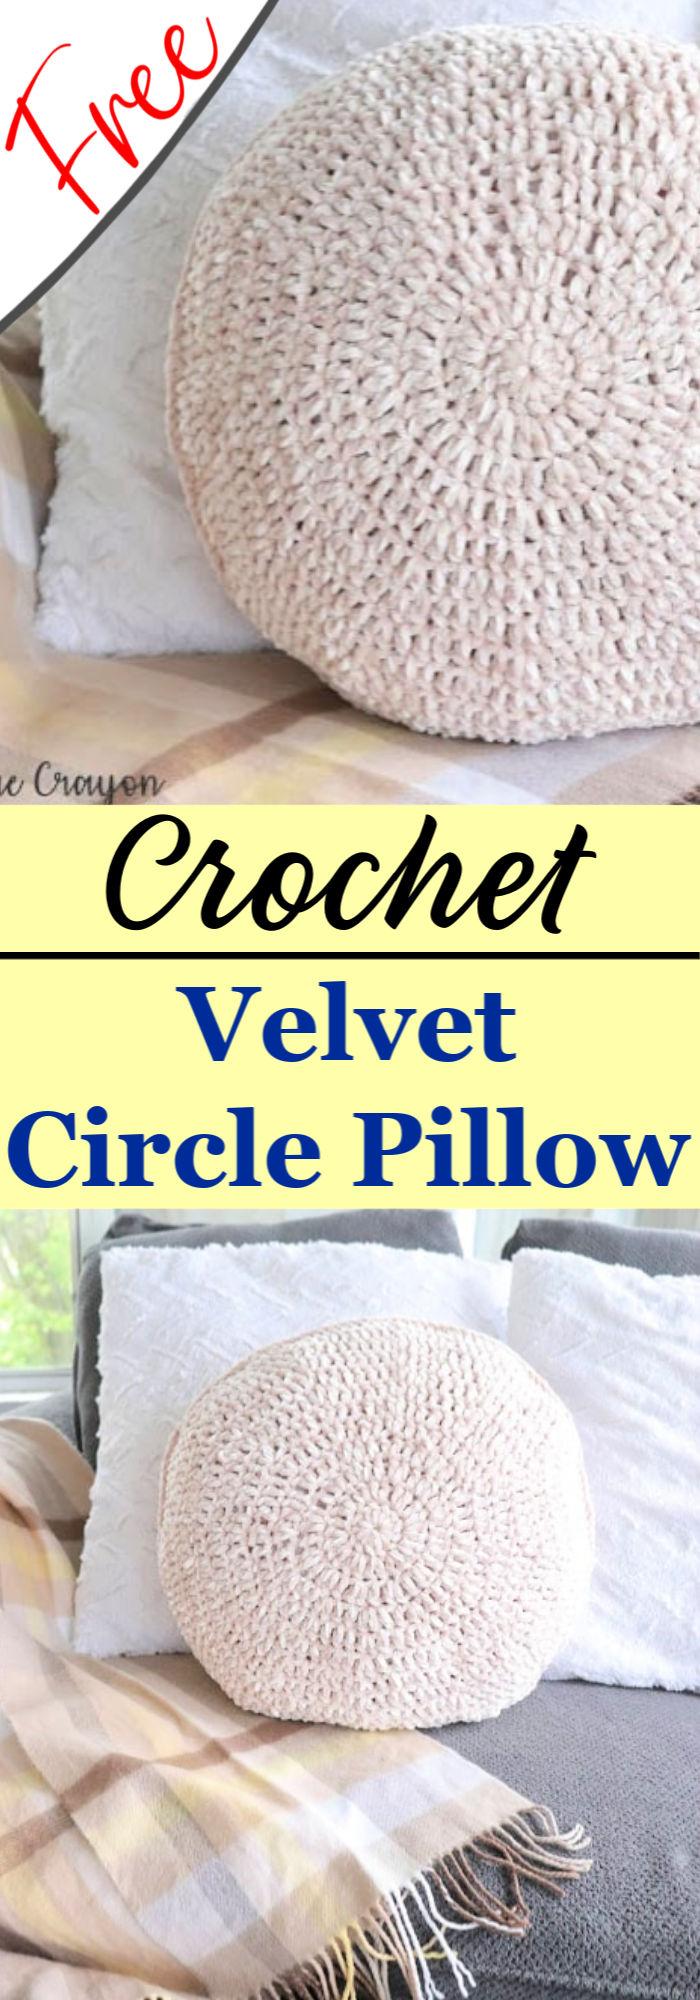 Free Crochet Velvet Circle Pillow Pattern